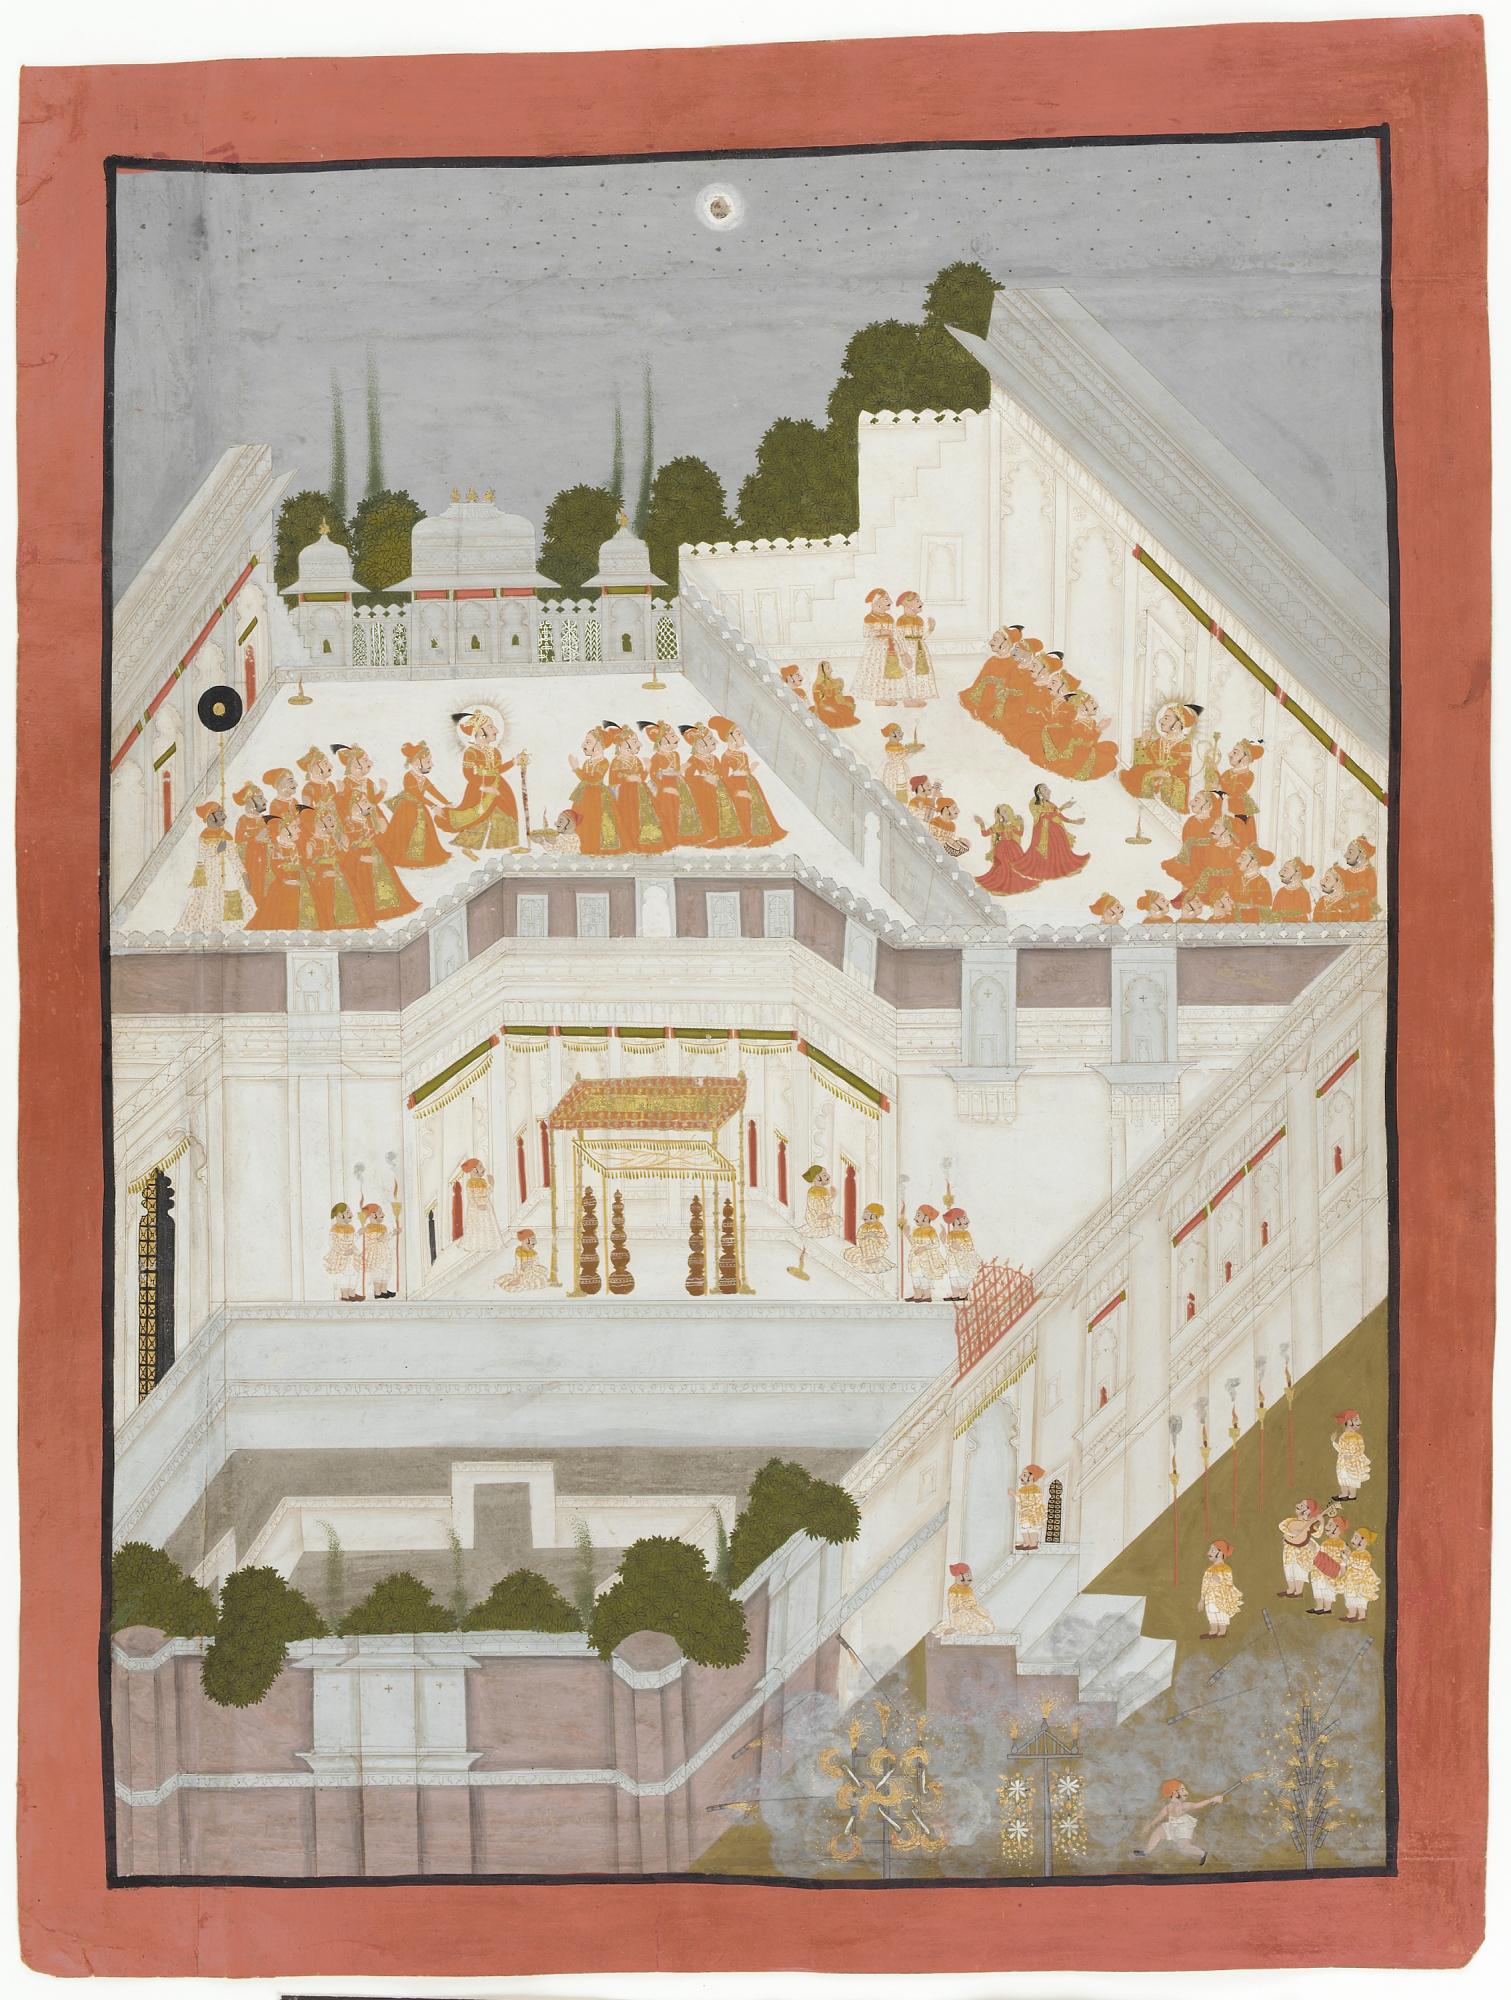 महाराणा अरि सिंह अपने महल में जश्न मनाते हुए (भीमाराम, केसूराम -1764) | साभार - फ्रीअर गैलरी ऑफ आर्ट